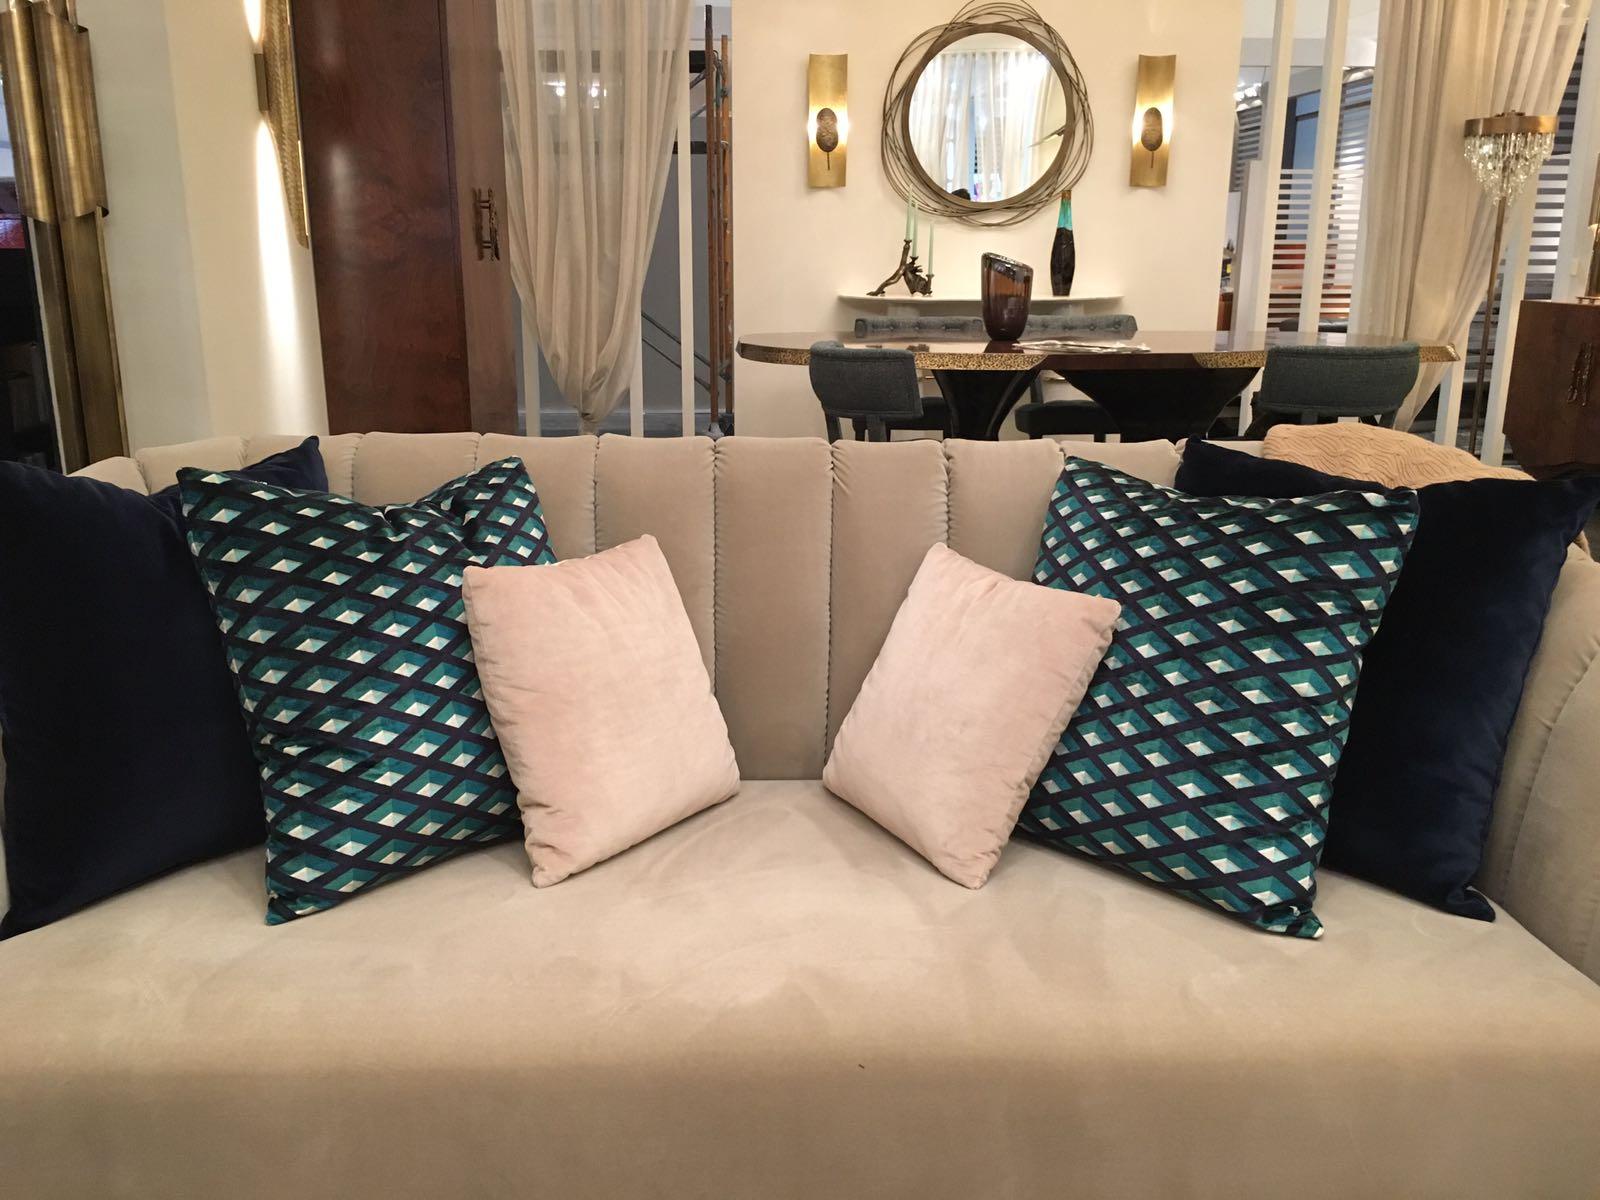 DISCOVER BRABBU APARTMENT AT SALONE DEL MOBILE salone del mobile 2018 Discover Brabbu Apartment At Salone Del Mobile 2018 MOM 1